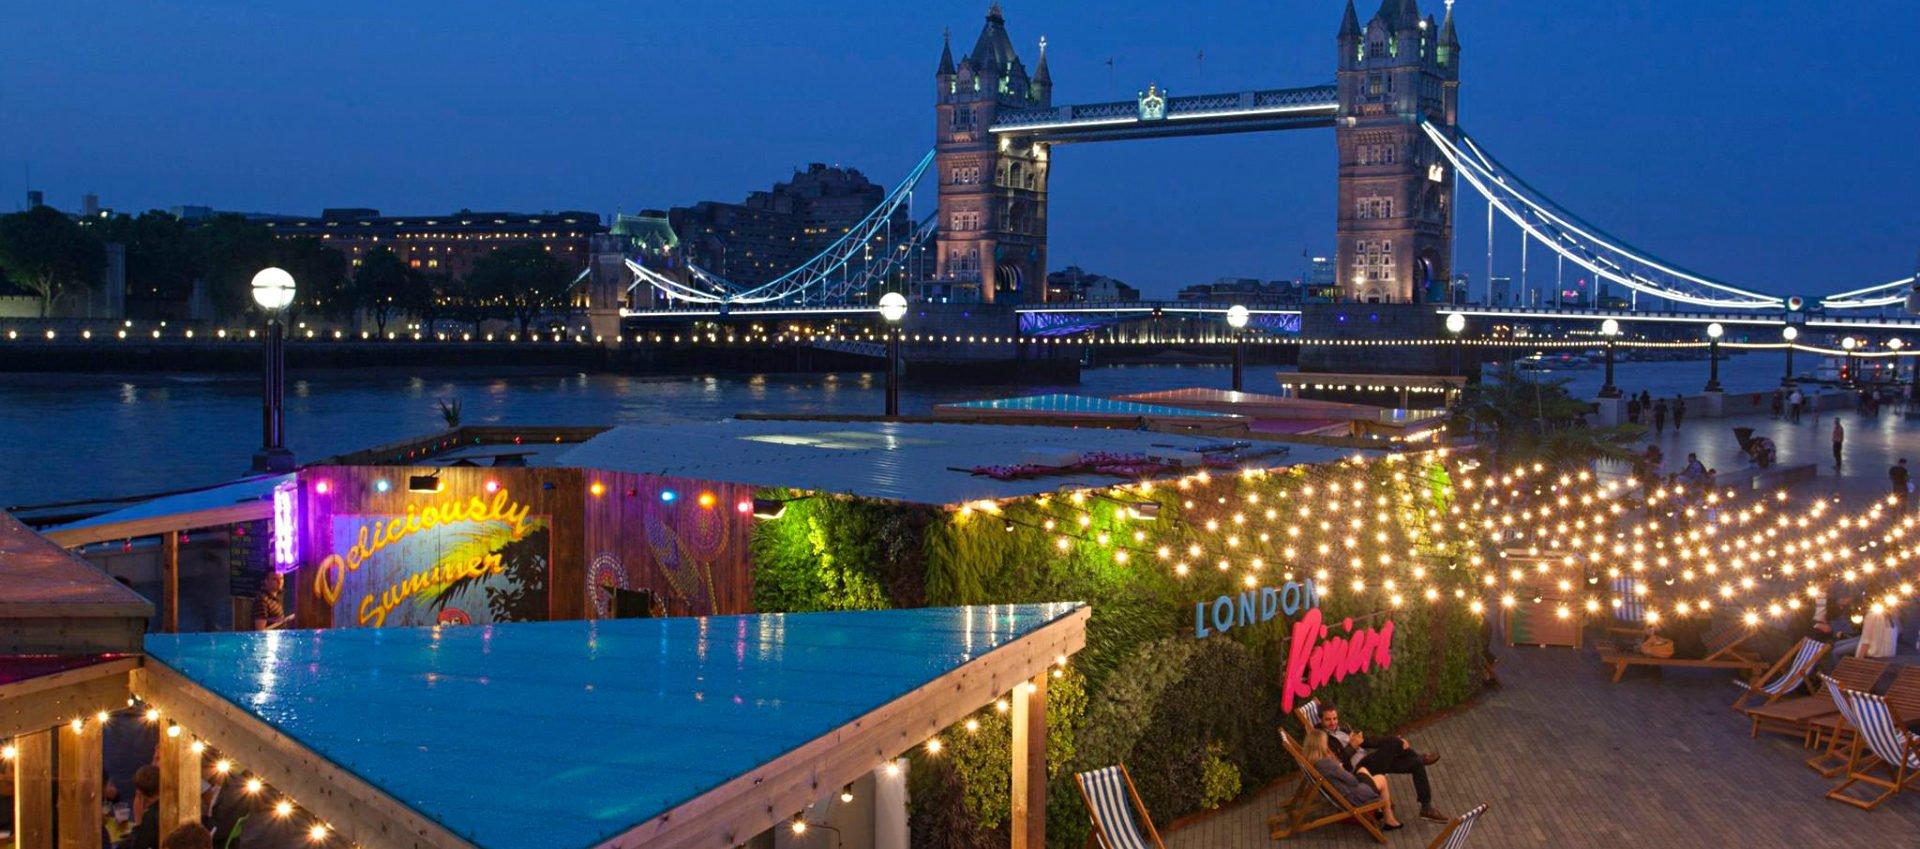 Night lights queens walk london - Your June Agenda